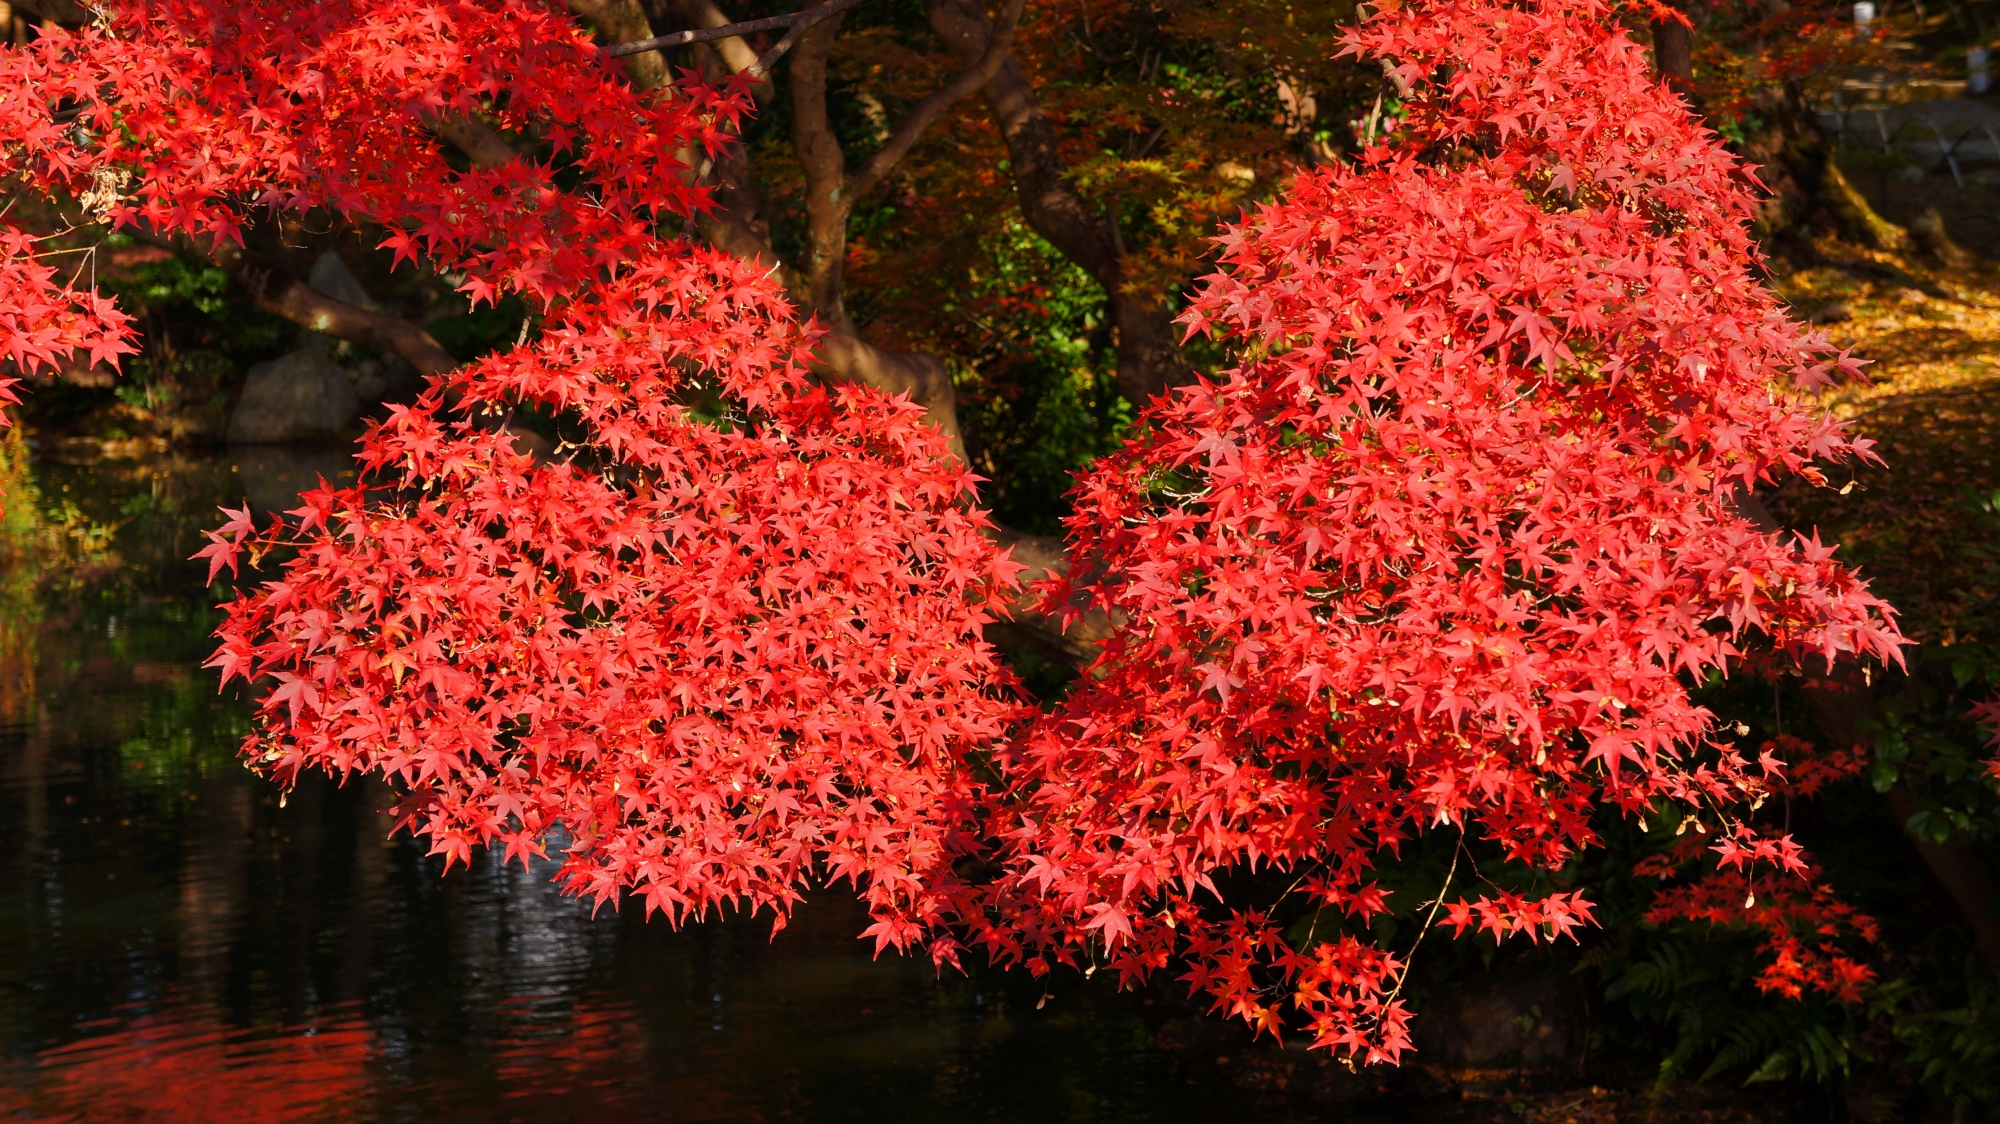 方丈庭園の見ごろの美しい紅葉